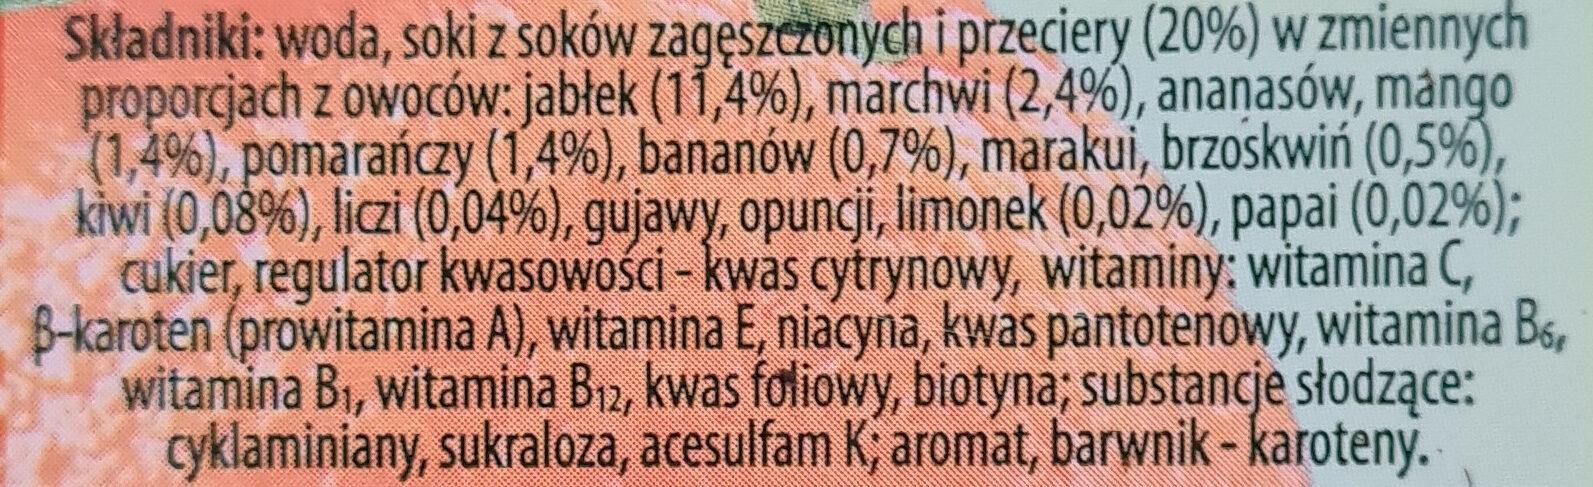 Multiwitamina, napój wieloowocowo-marchwiowy - Składniki - pl